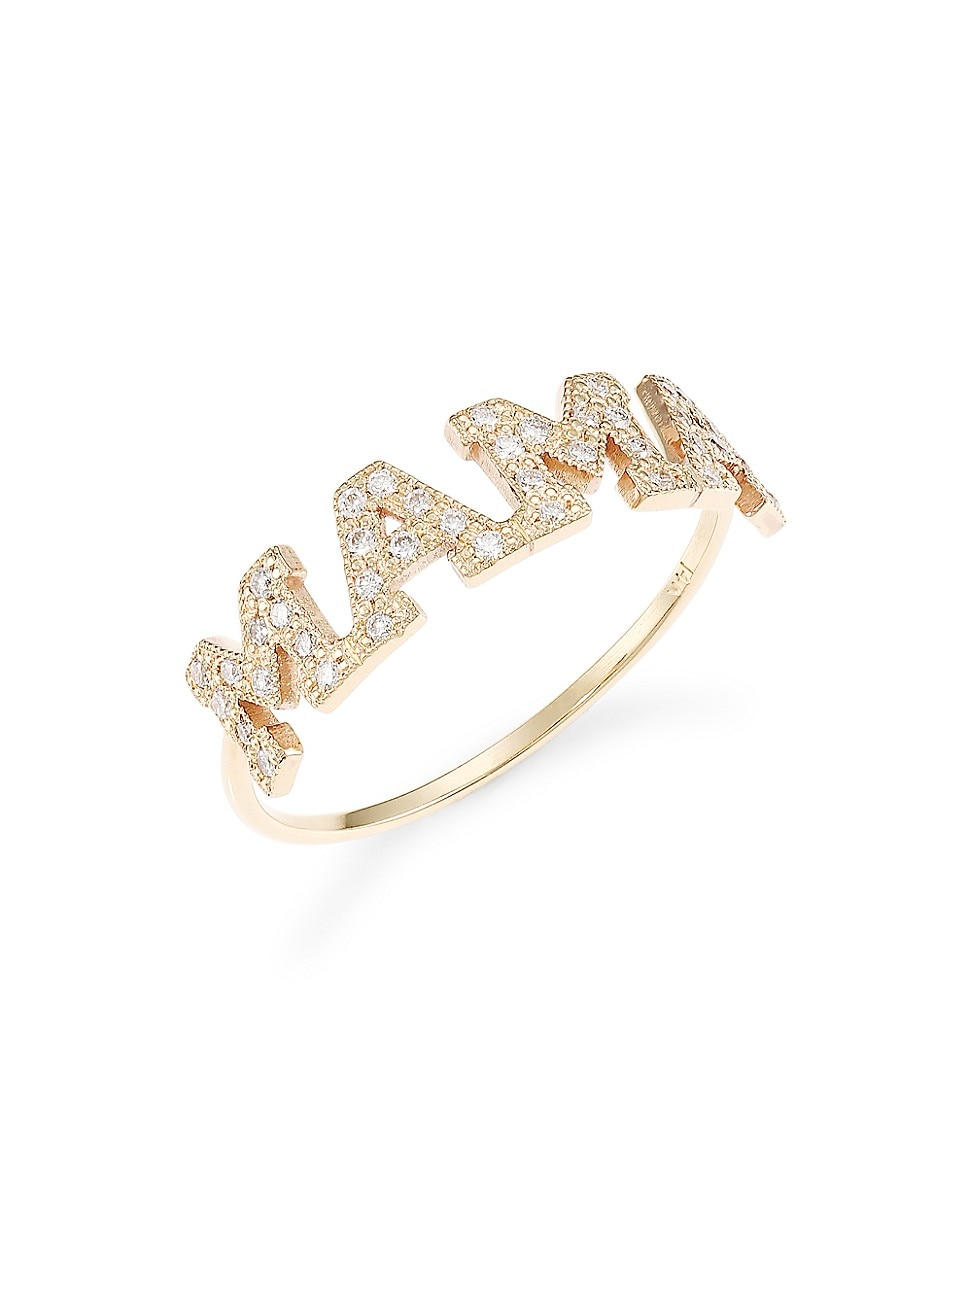 Zoë Chicco Women's Mama 14k Yellow Gold & Diamond Ring